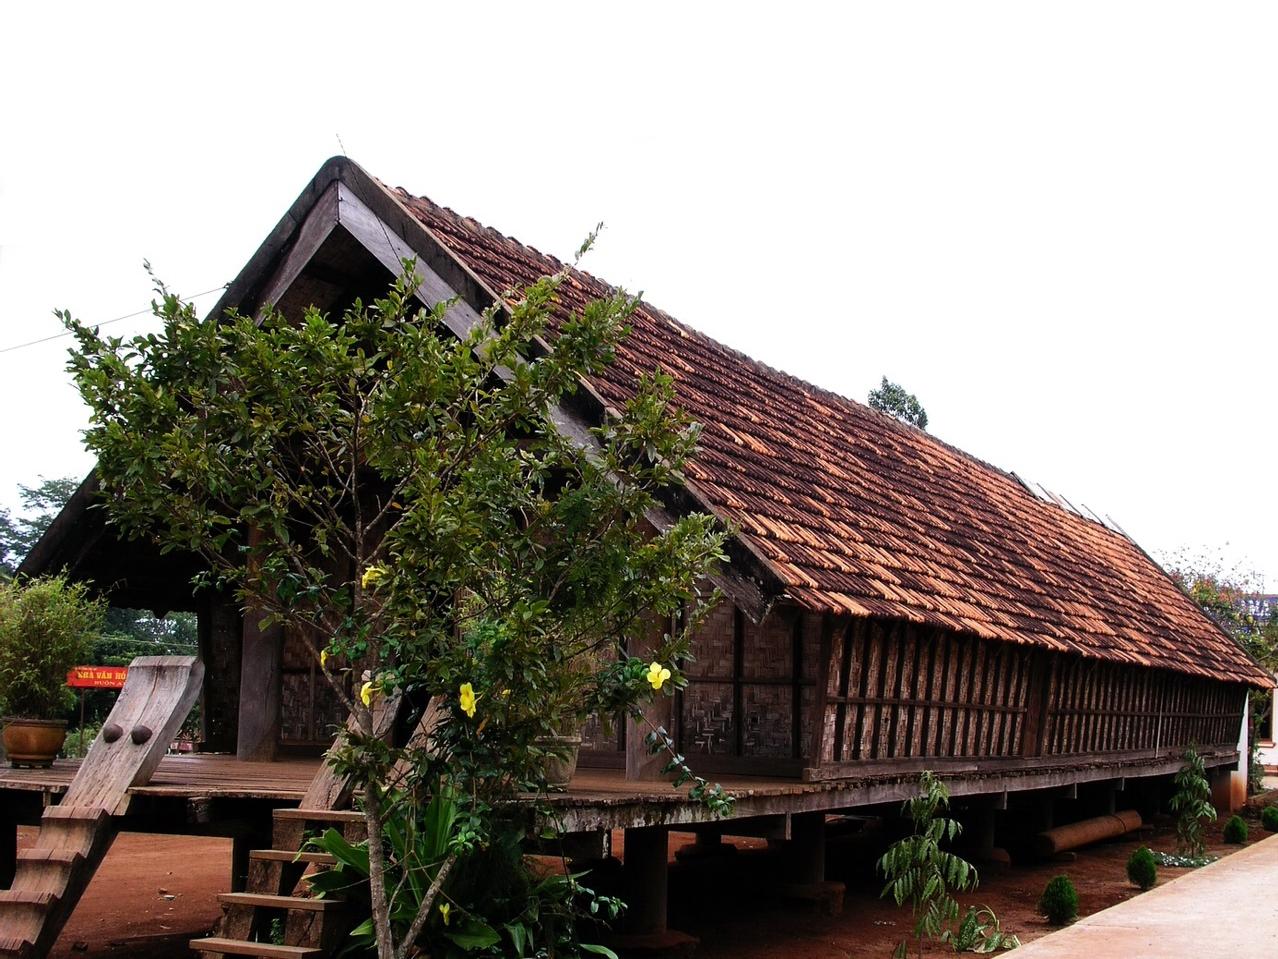 Ngôi nhà dài của người Ê Đê ở Đắk Lắk